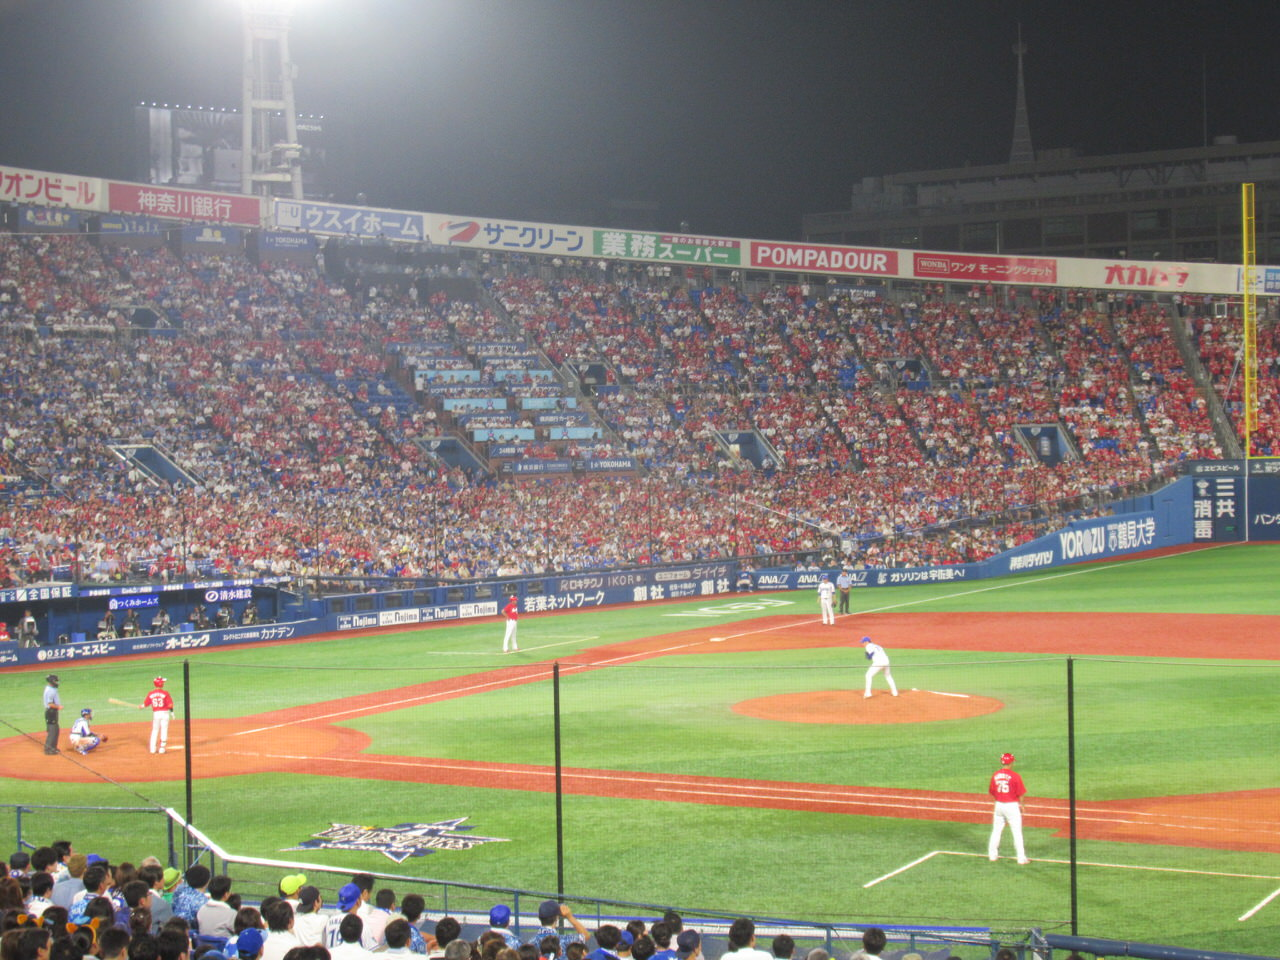 広島カープファンの様子:横浜スタジアム赤で埋まる